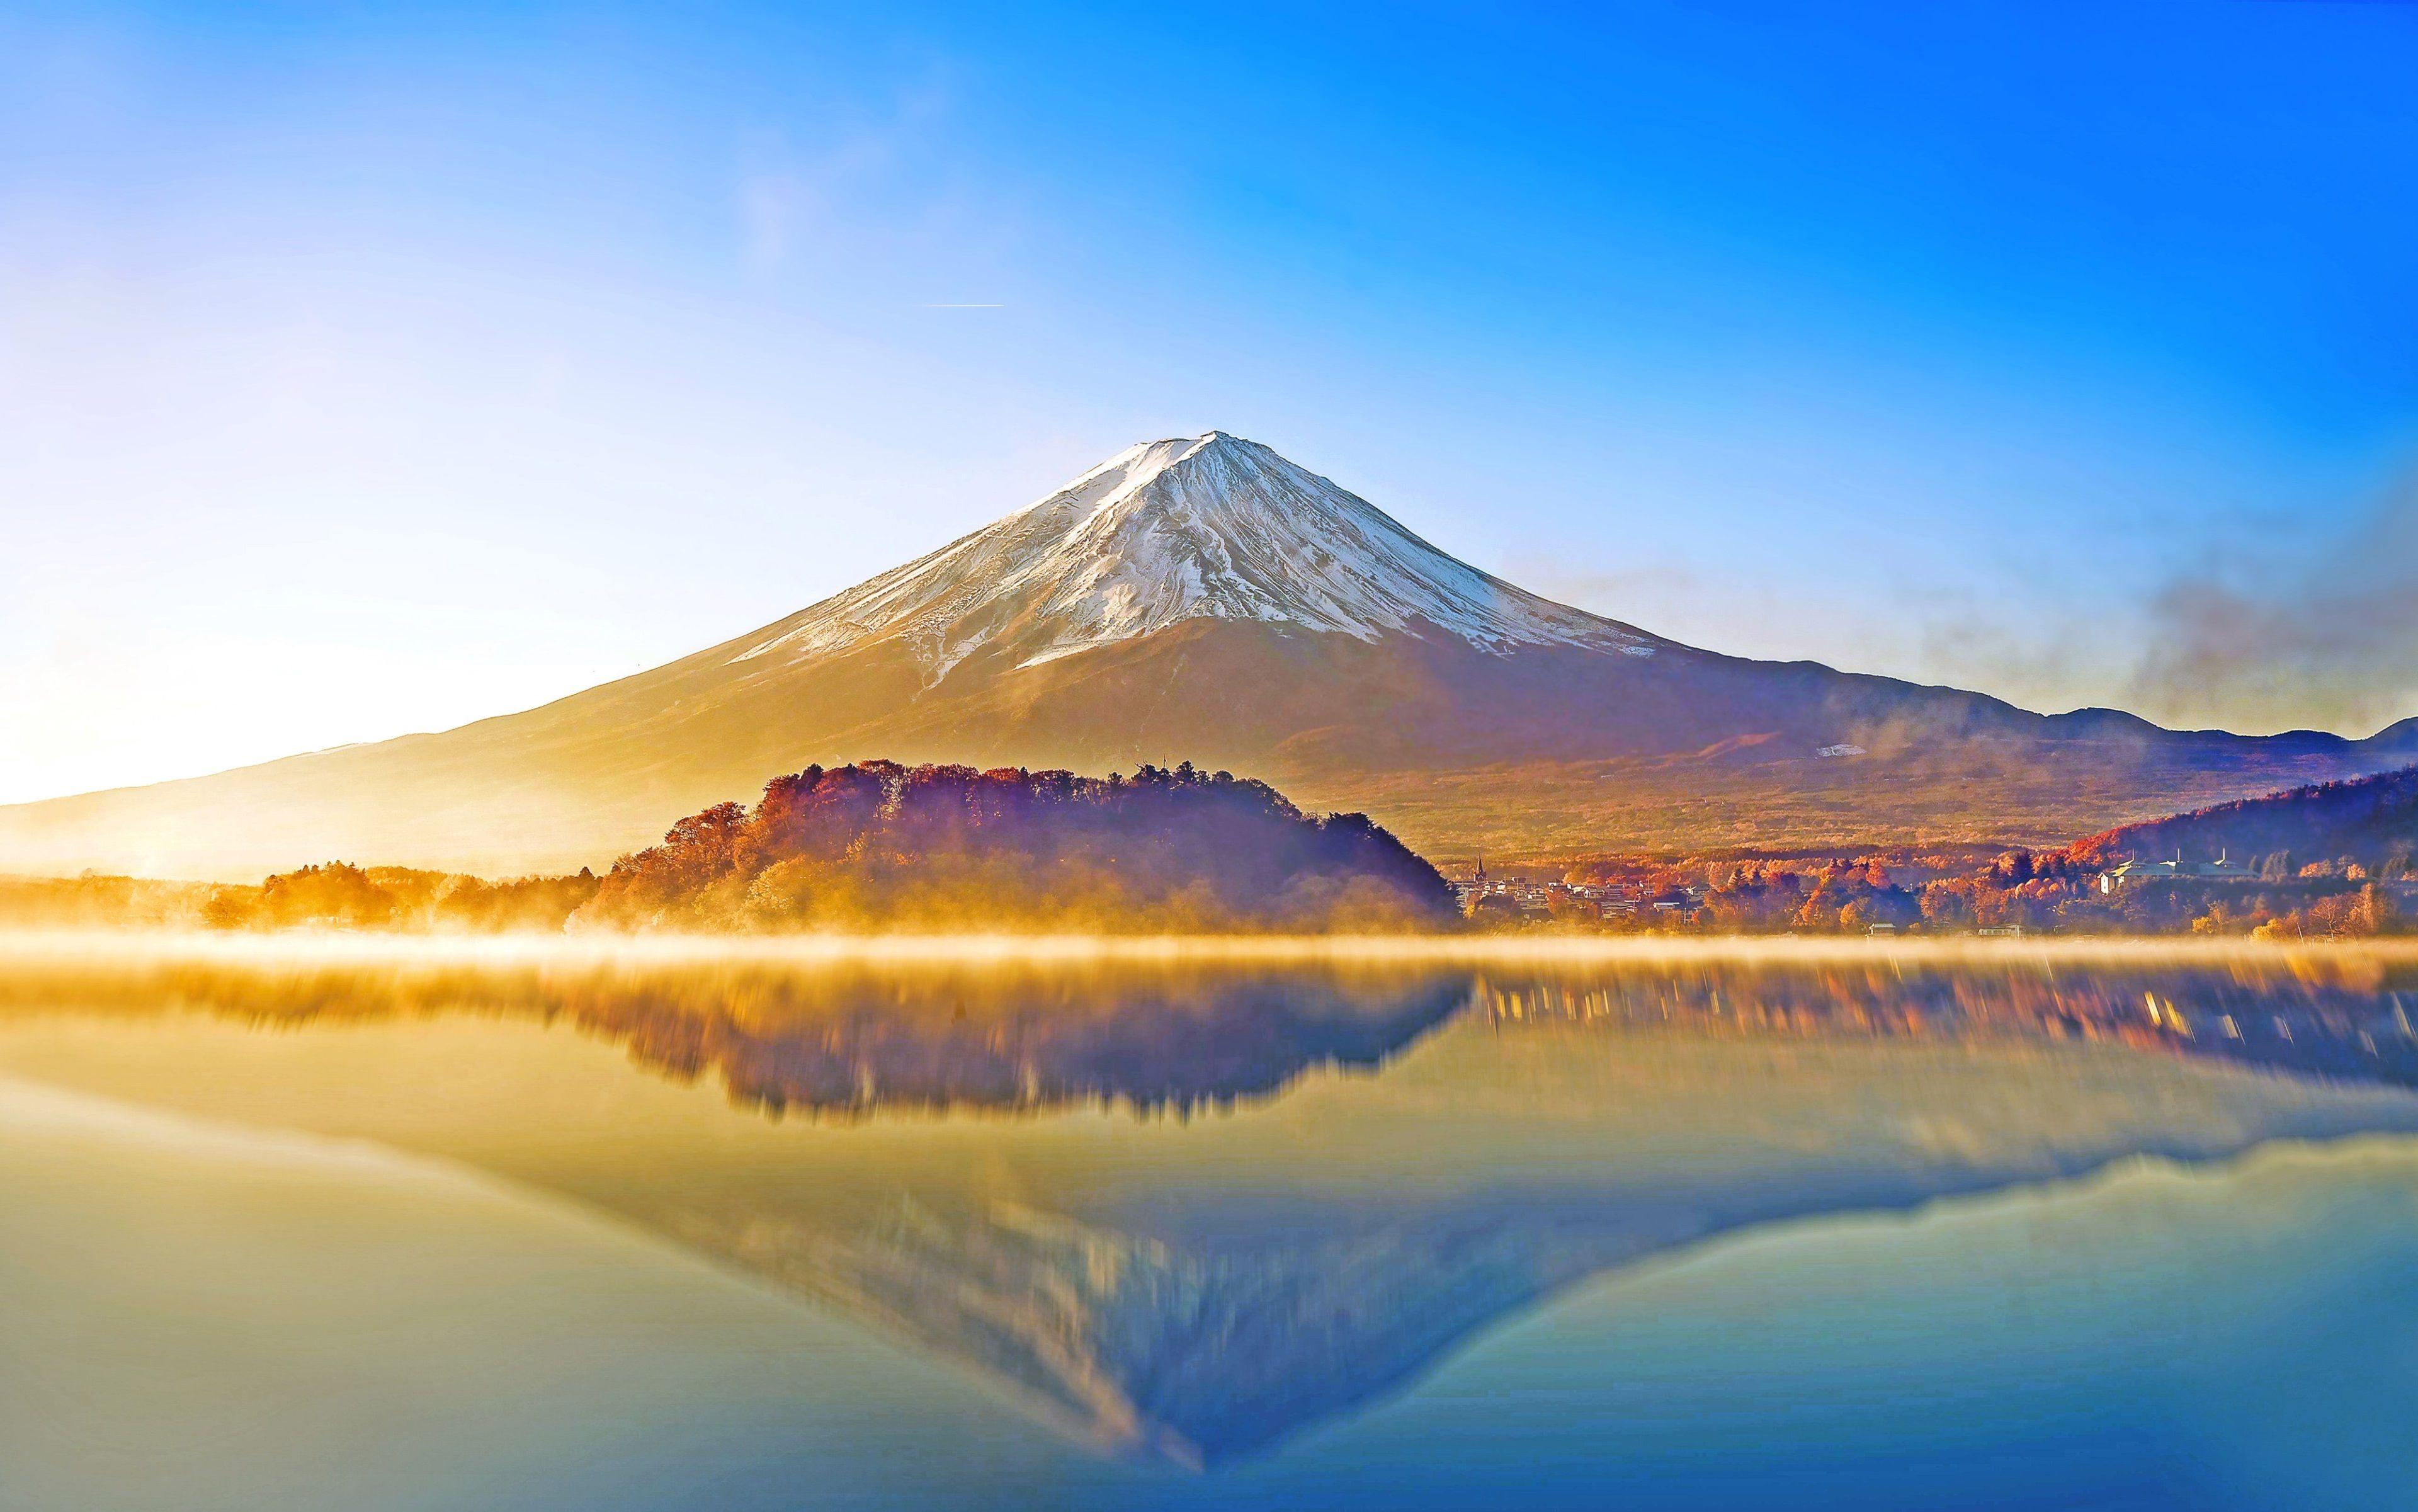 3840x2401 Mount Fuji 4k Wallpaper Ultra Hd Landschaftsmalerei